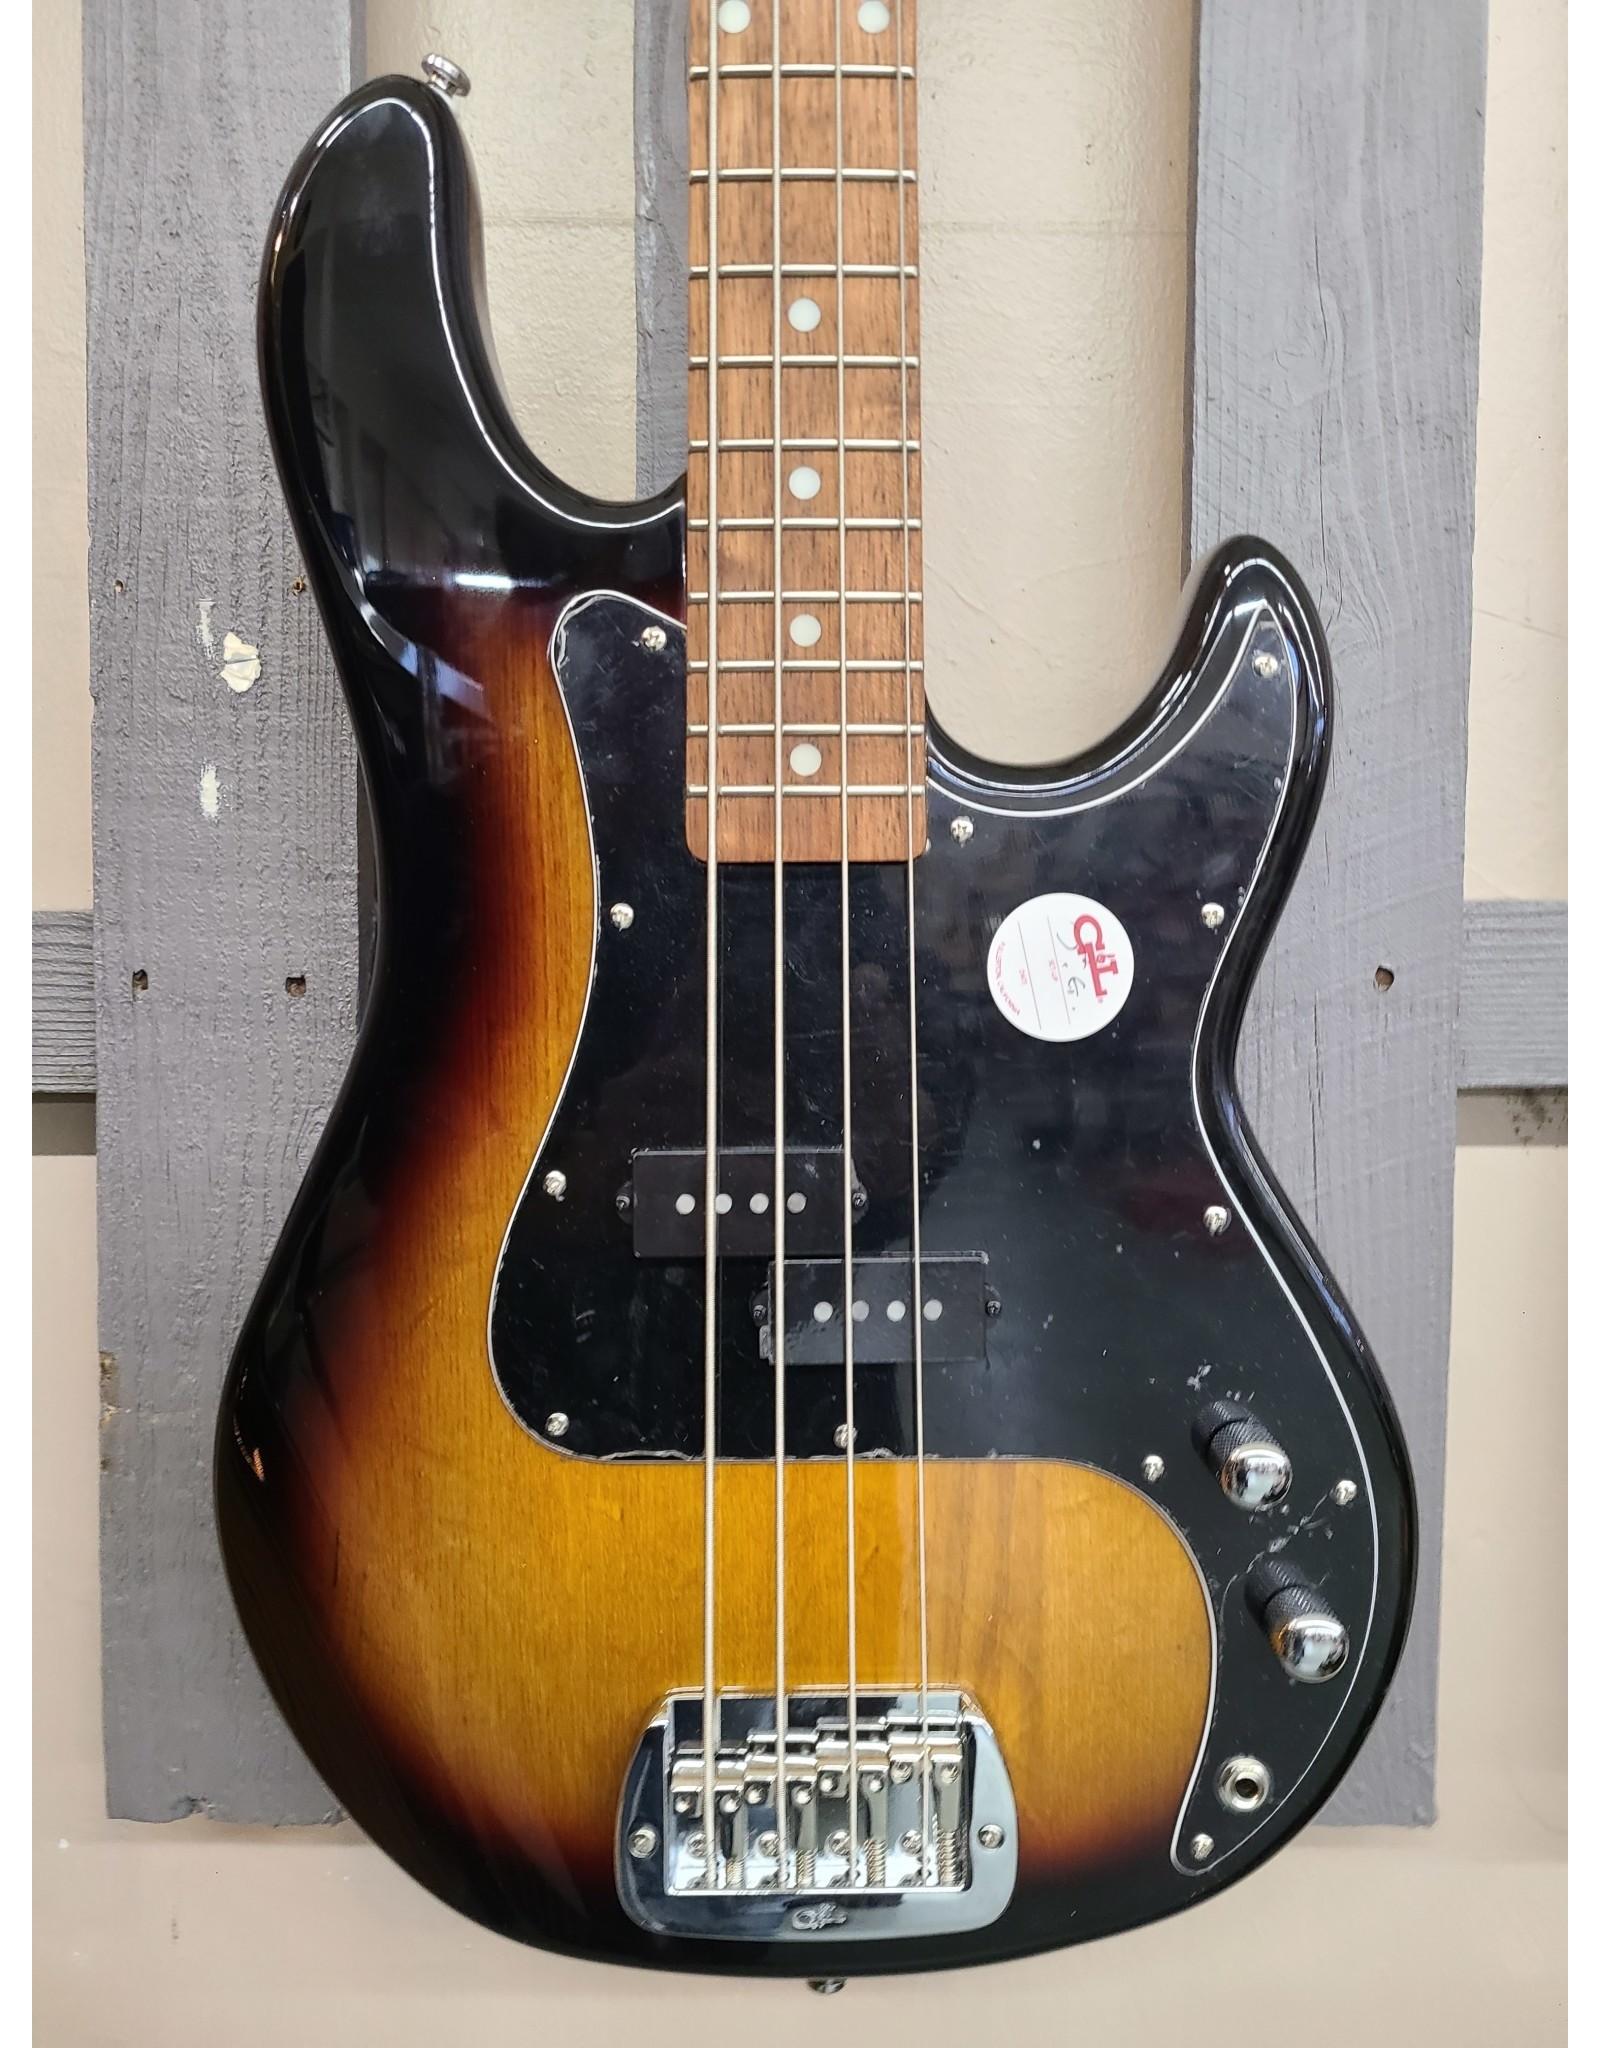 G&L G&L Tribute LB100 3 Tone Sunburst